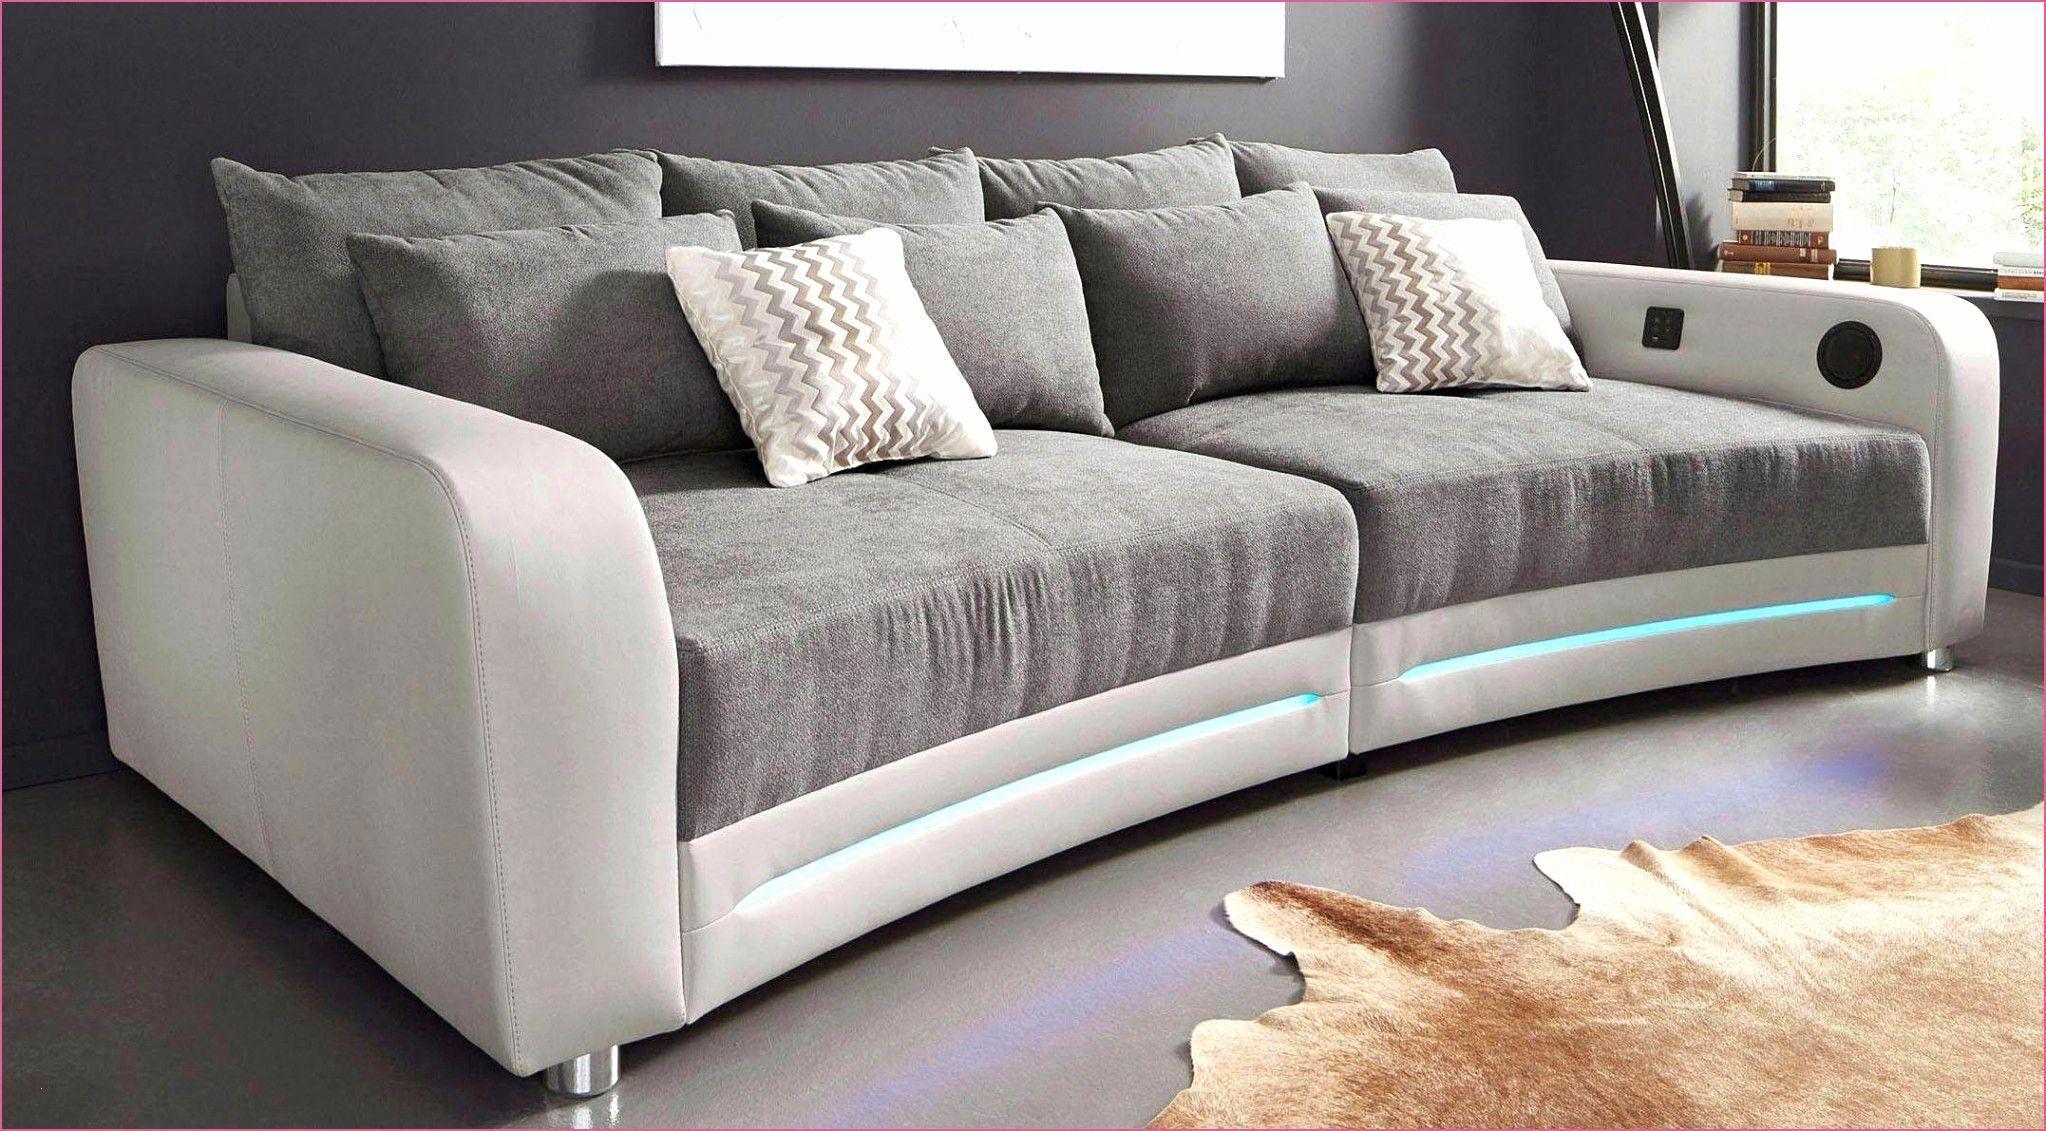 Genial Graue Wandfarbe Wohnzimmer Graue Wandfarbe Wohnzimmer Graue Wandfarbe Wo Genial Graue Wandfarbe Wohnzimmer Graue Wandfa In 2020 Furniture Eldred Sofa